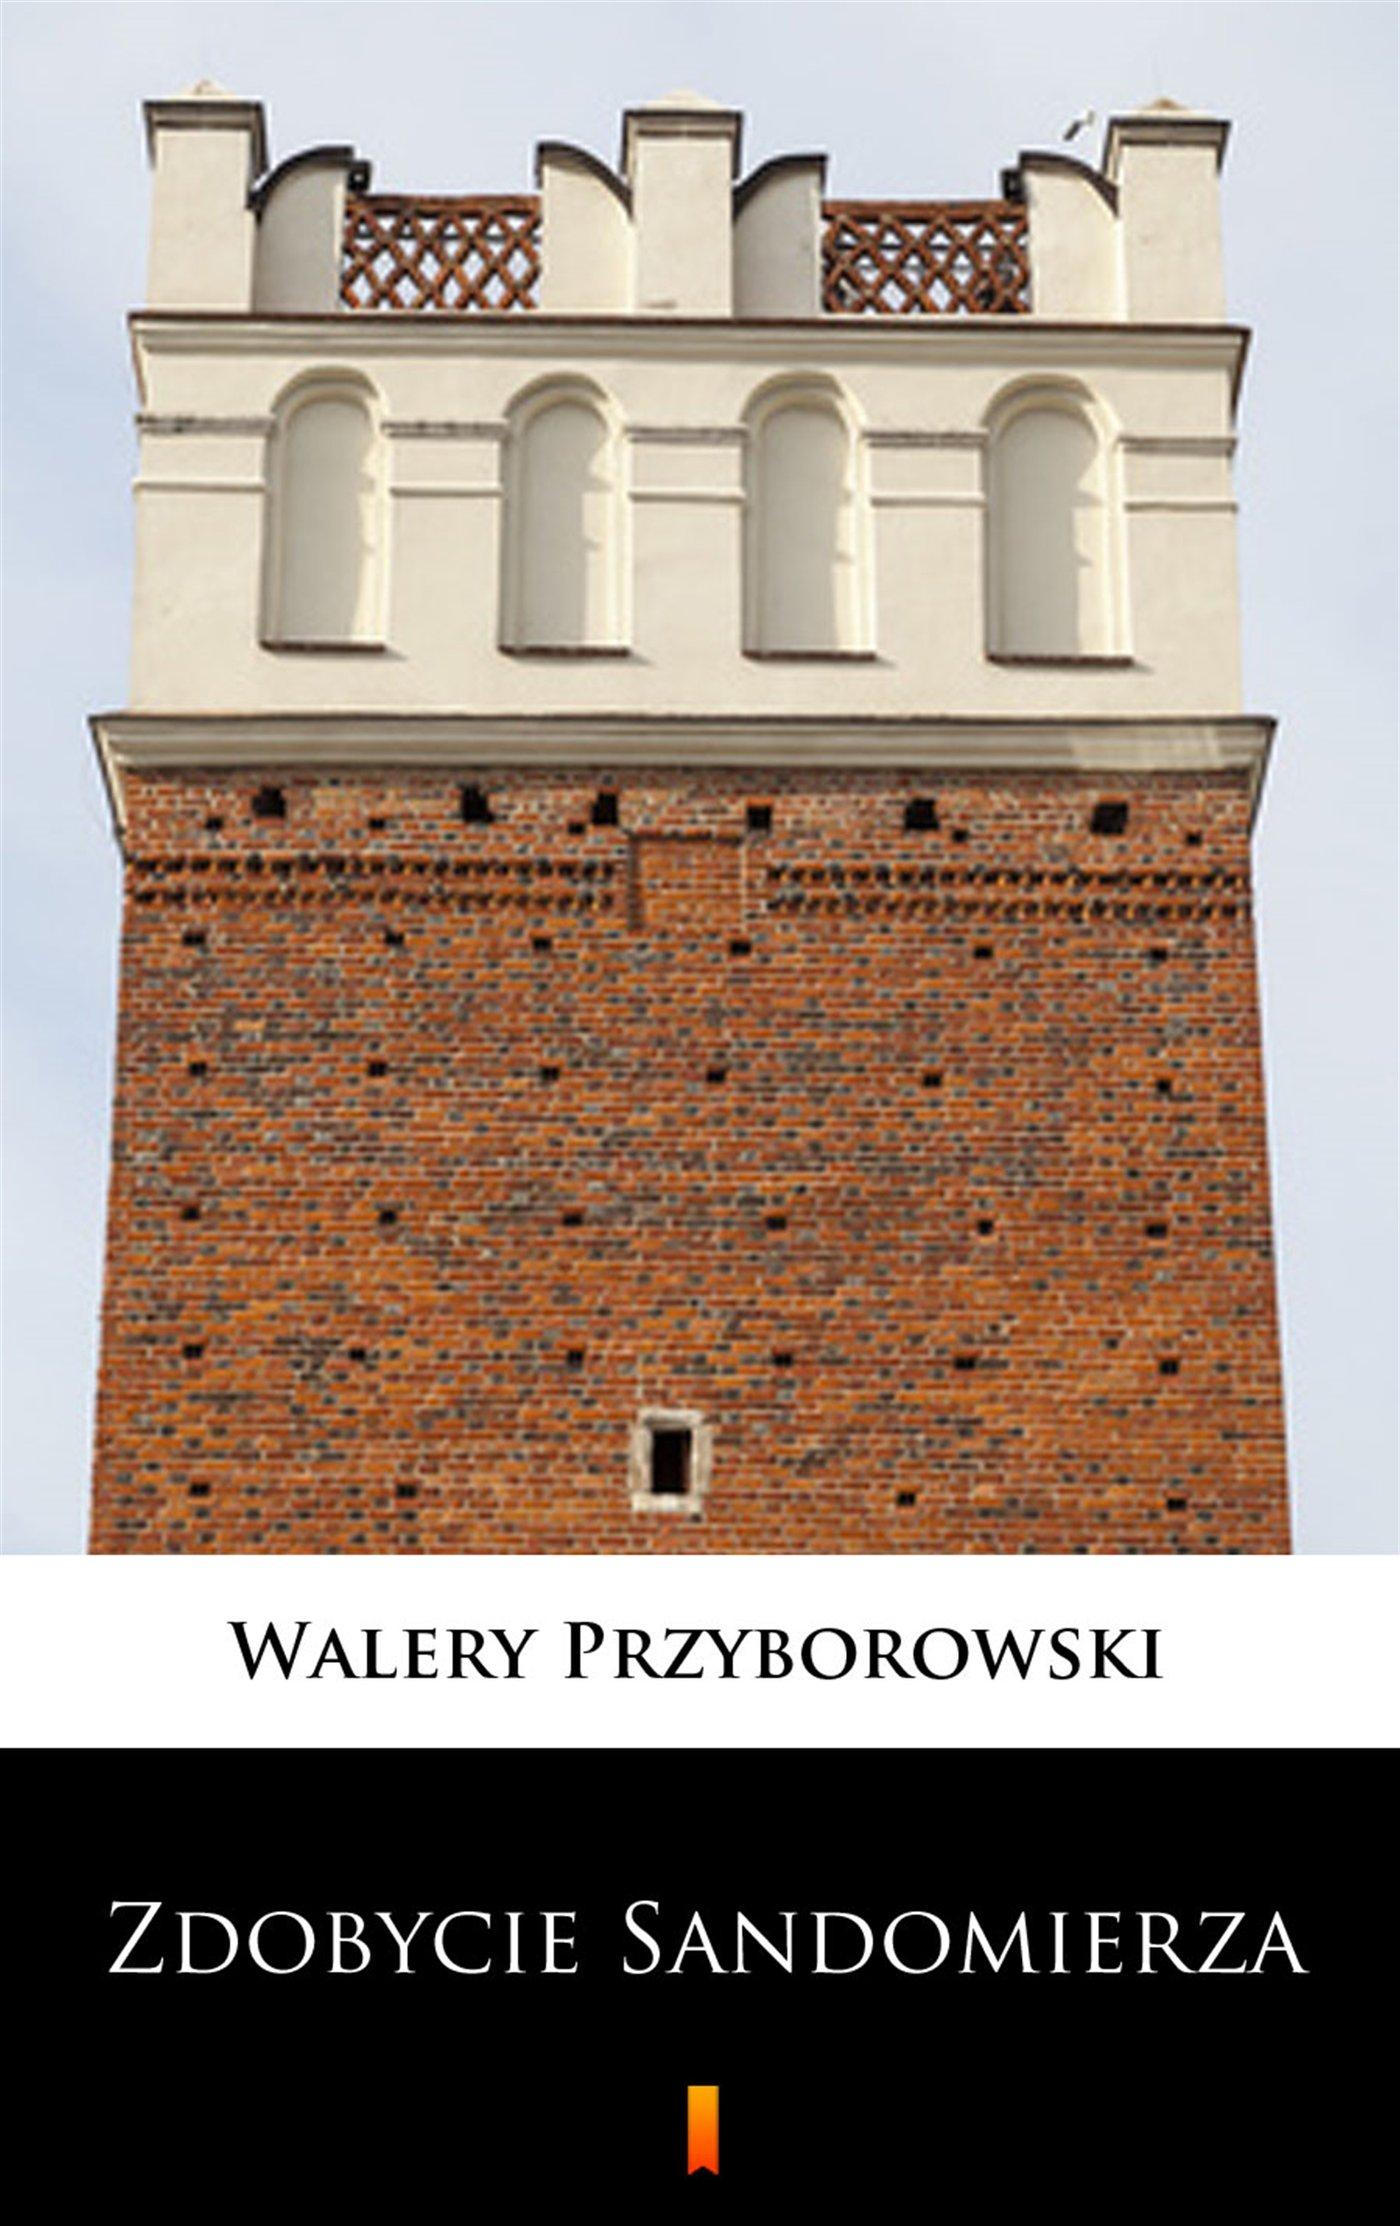 Zdobycie Sandomierza - Ebook (Książka na Kindle) do pobrania w formacie MOBI